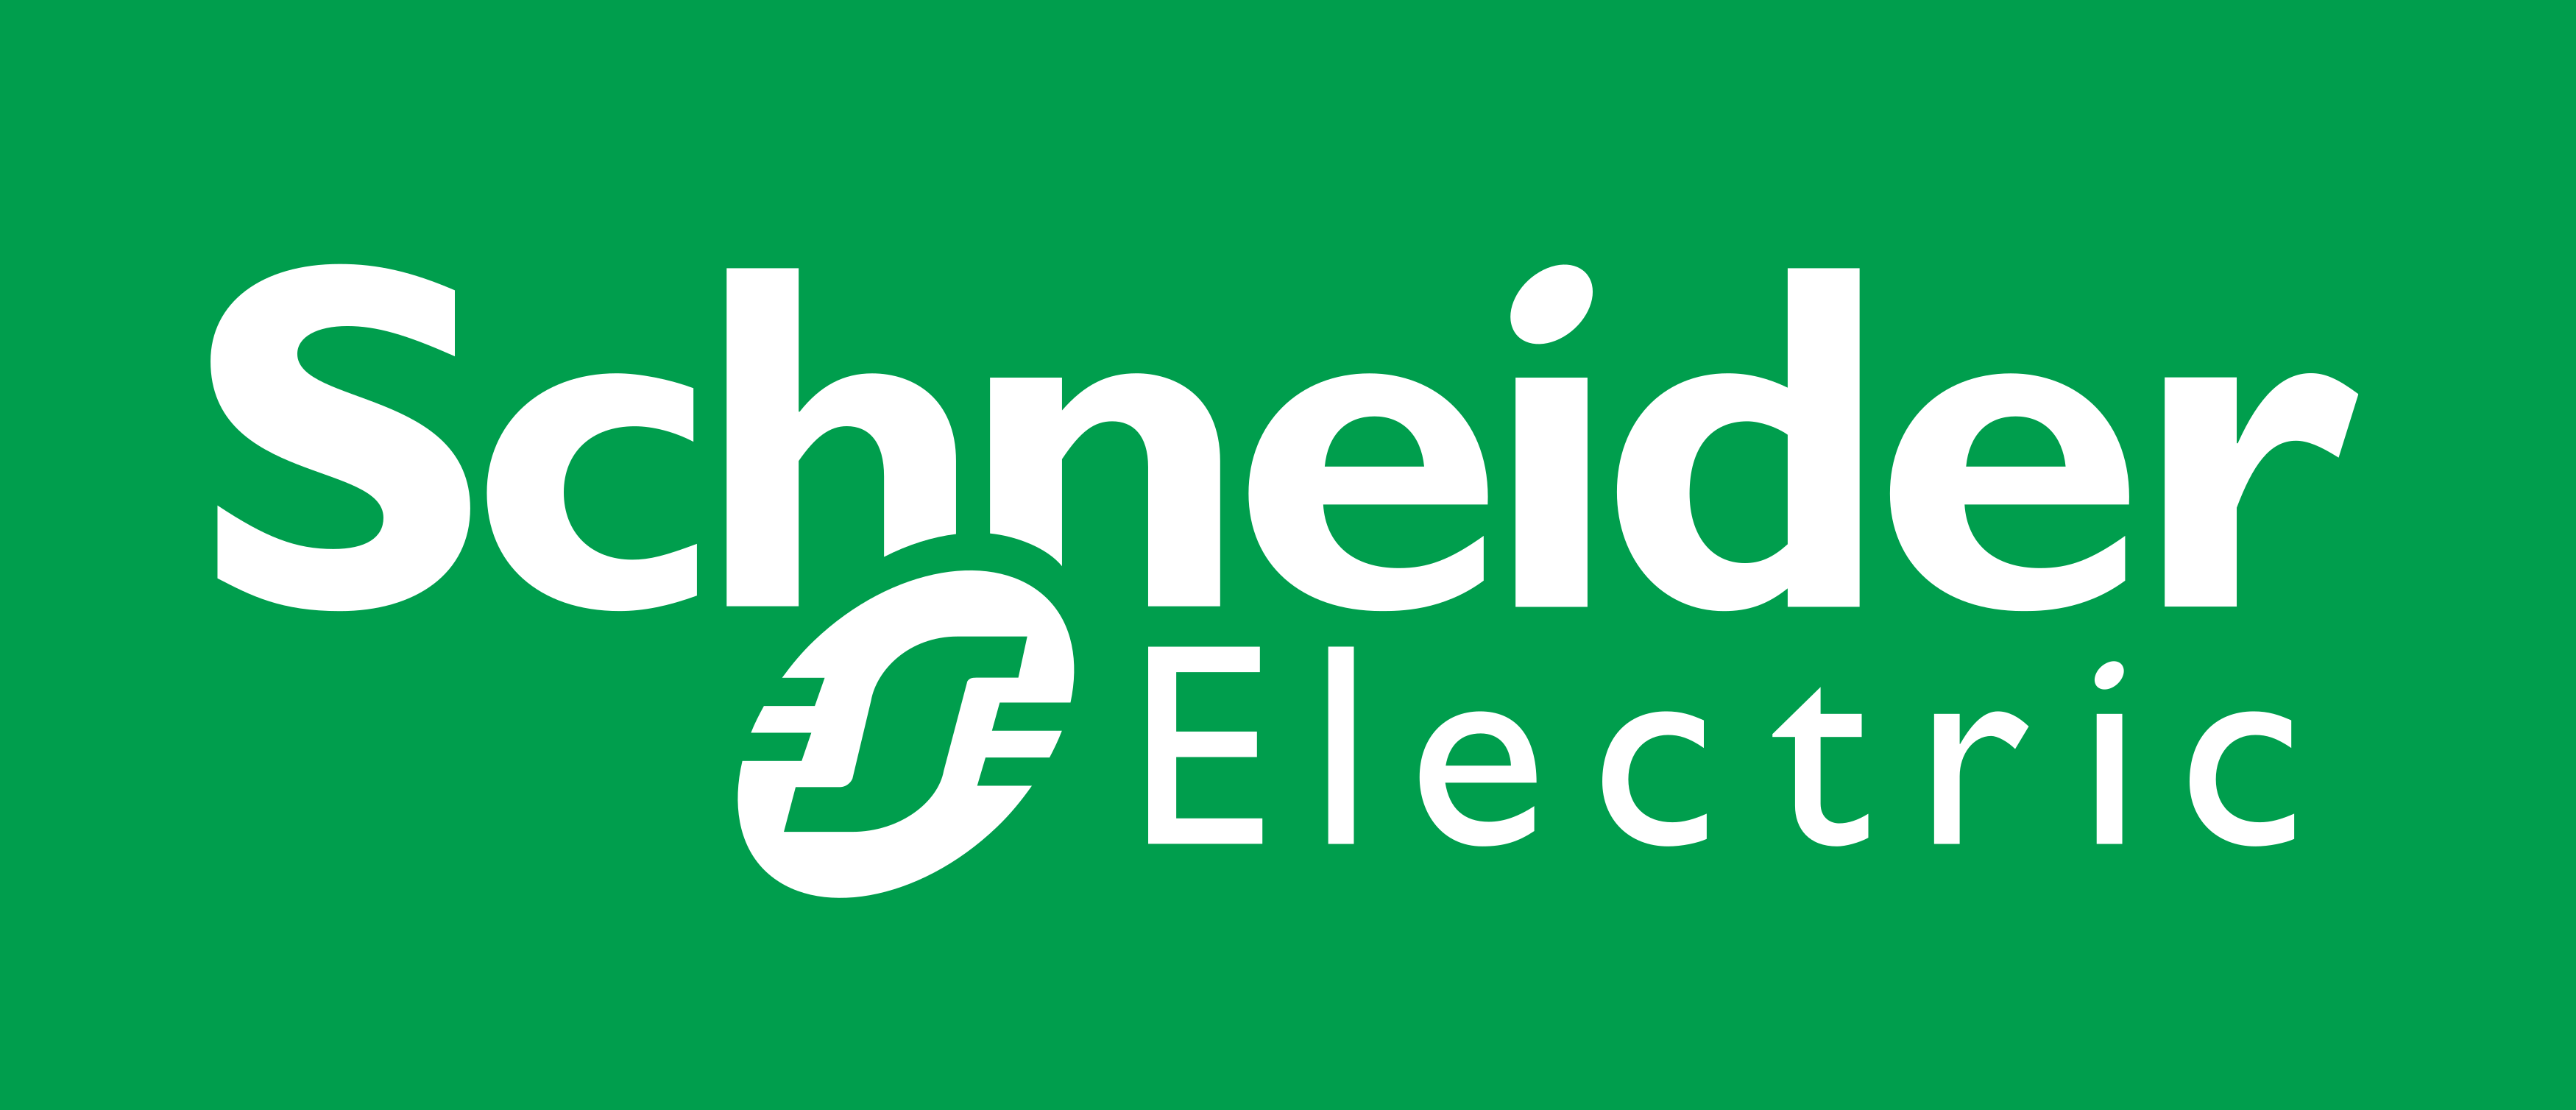 schneider logo 8 - Schneider Electric Logo